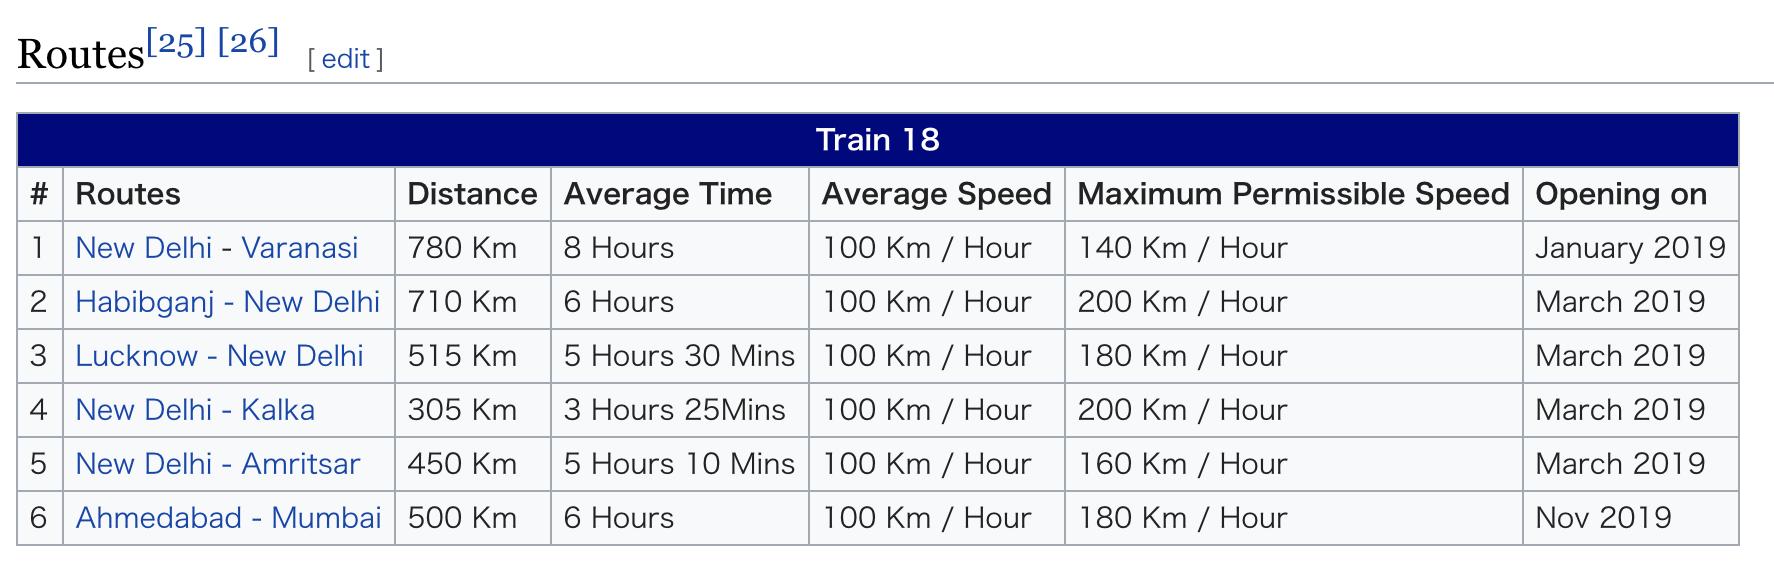 インド特急列車Train 18の所要時間